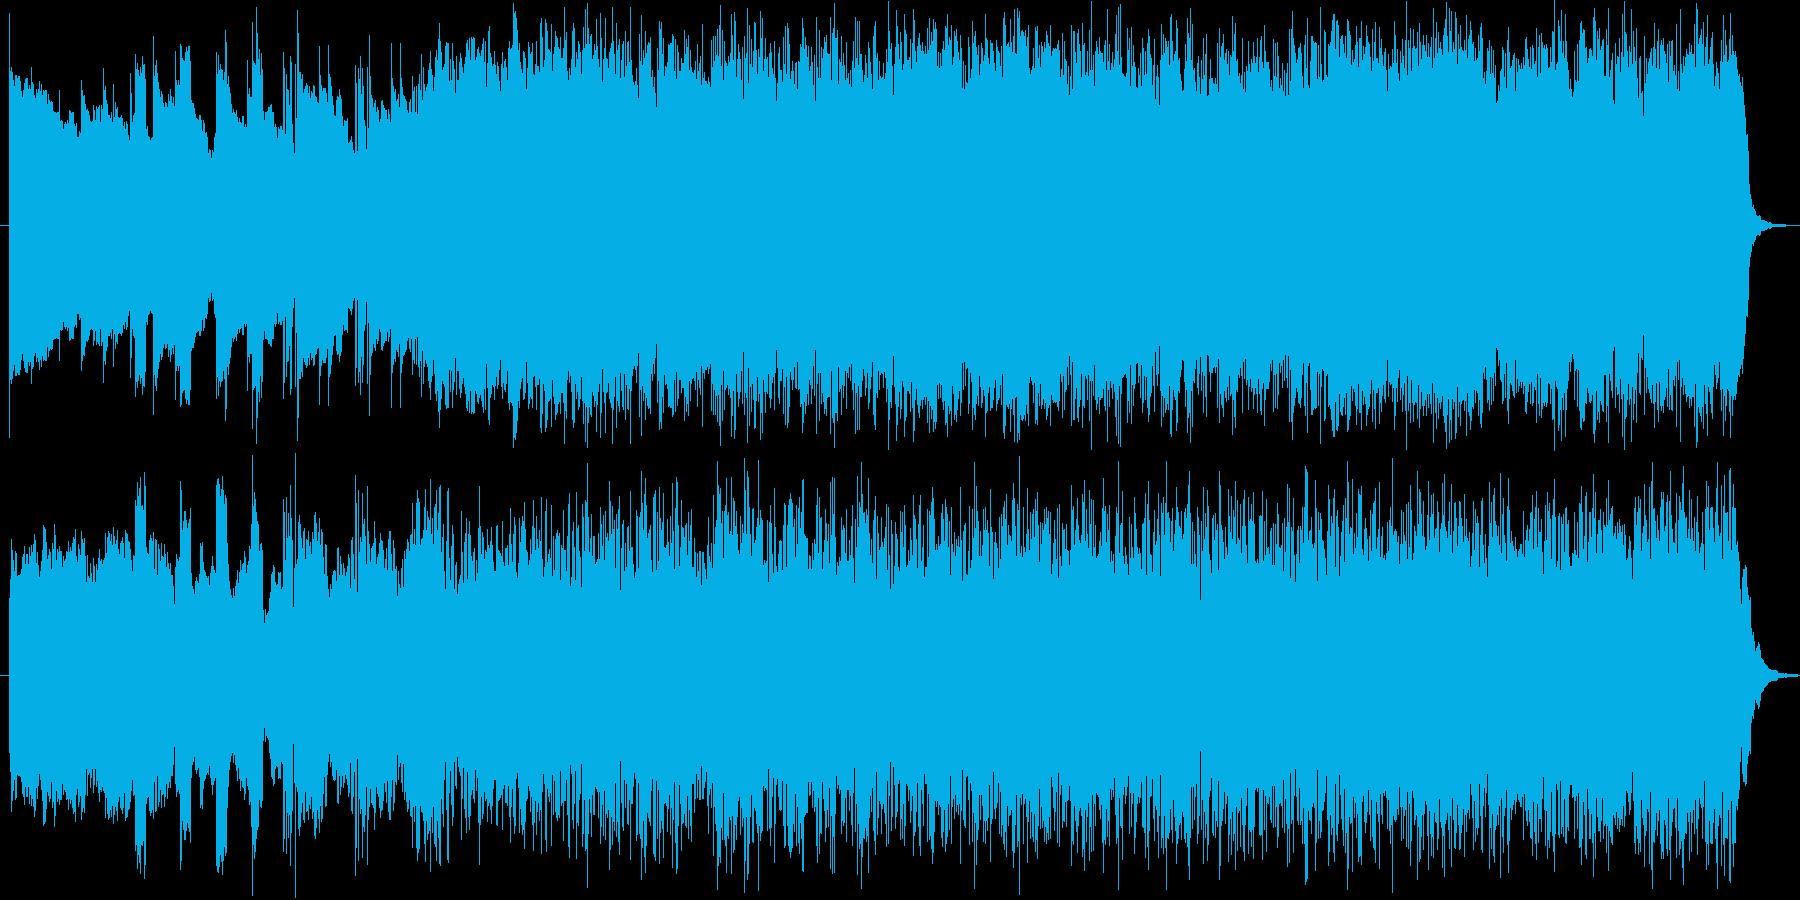 サスペンスやホラーの回想シーンBGMの再生済みの波形